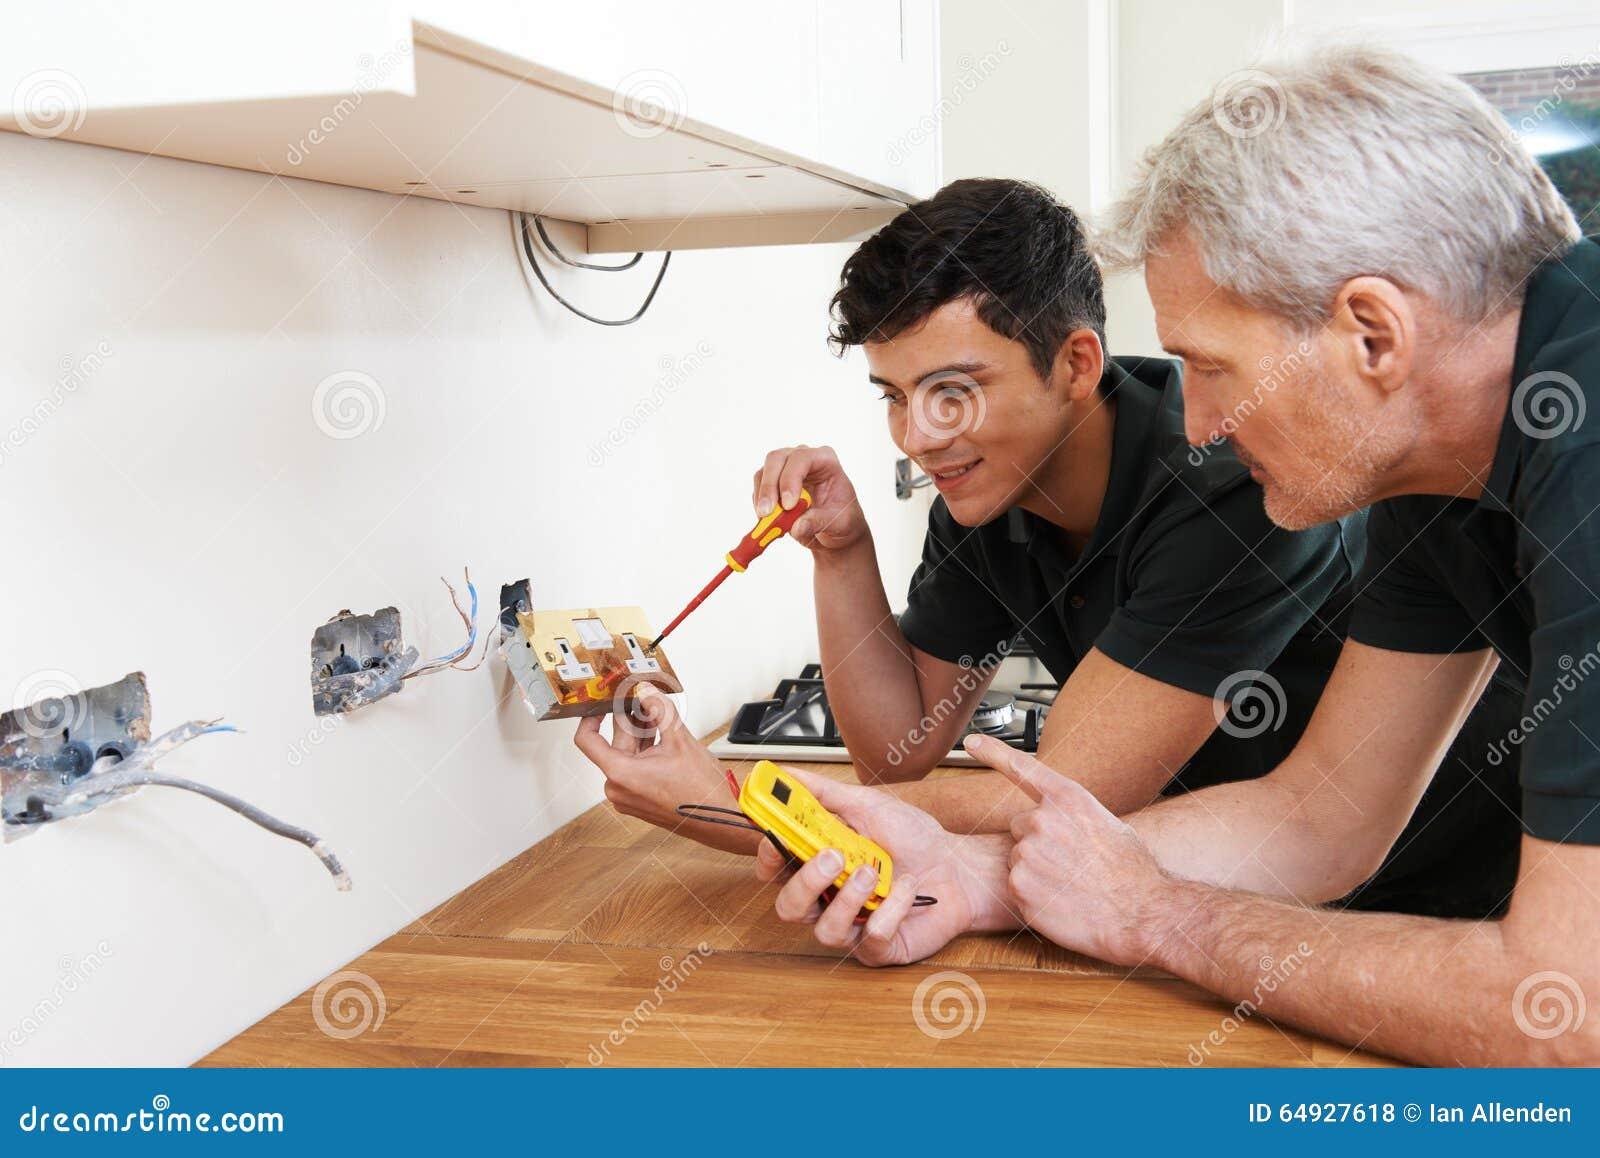 Elektricien With Apprentice Working in Nieuw Huis